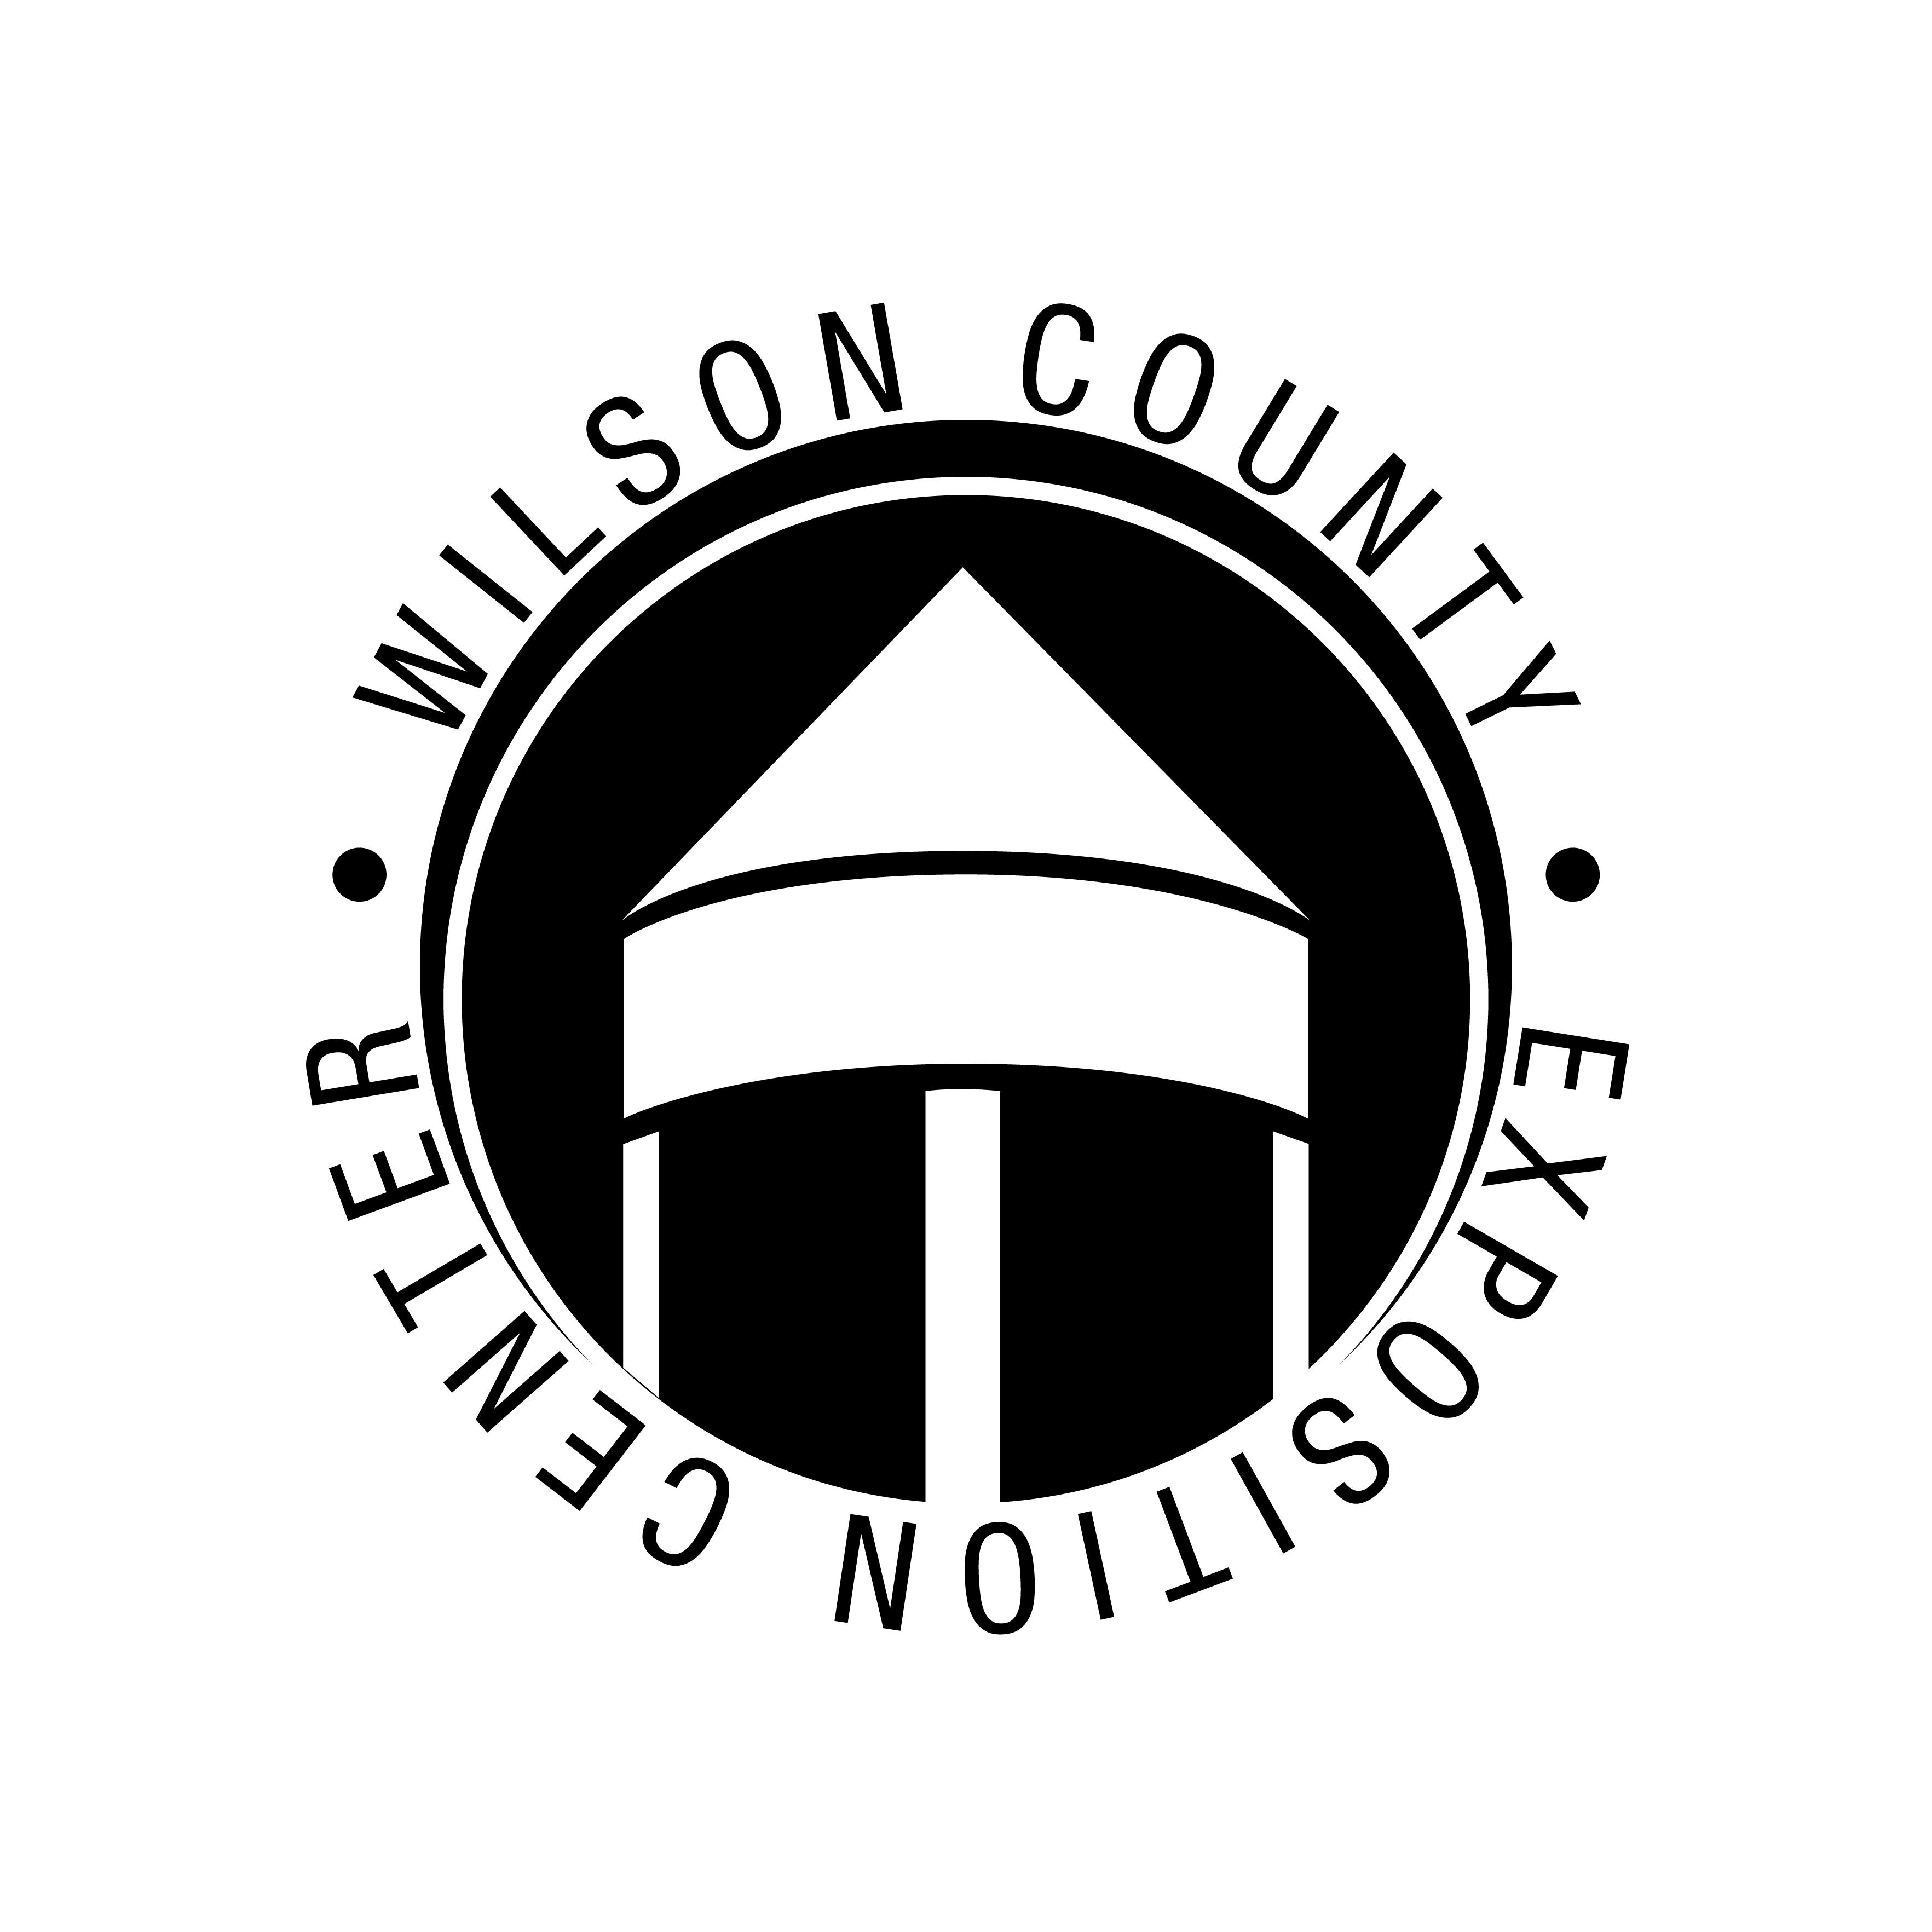 Wilson County Expo